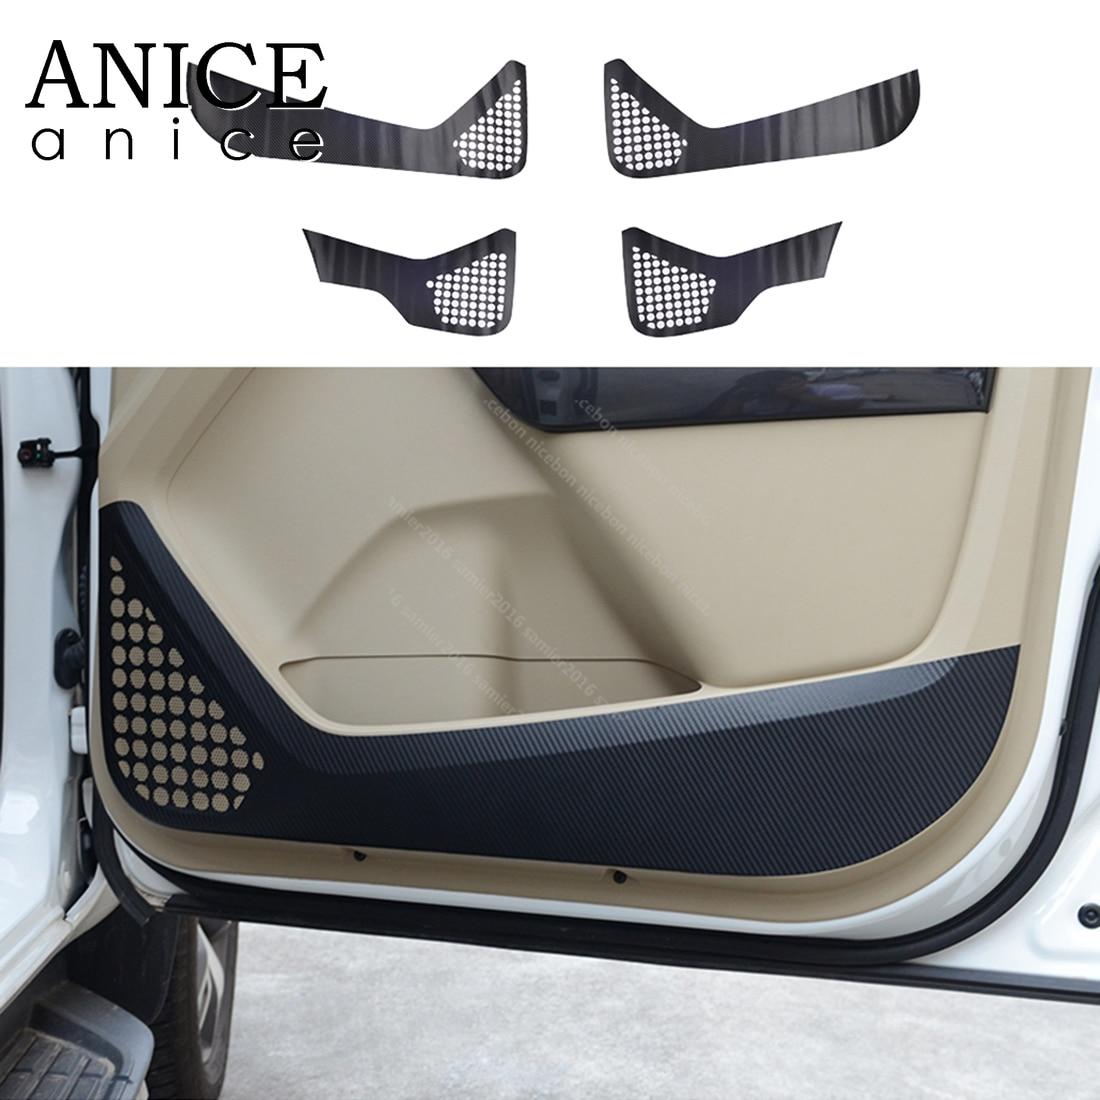 4pcs Carbon Fiber Color Car Door Anti-kick Film Cover For Ford Everest Endeavour Accessories 2015 2016 2017 2018 2019